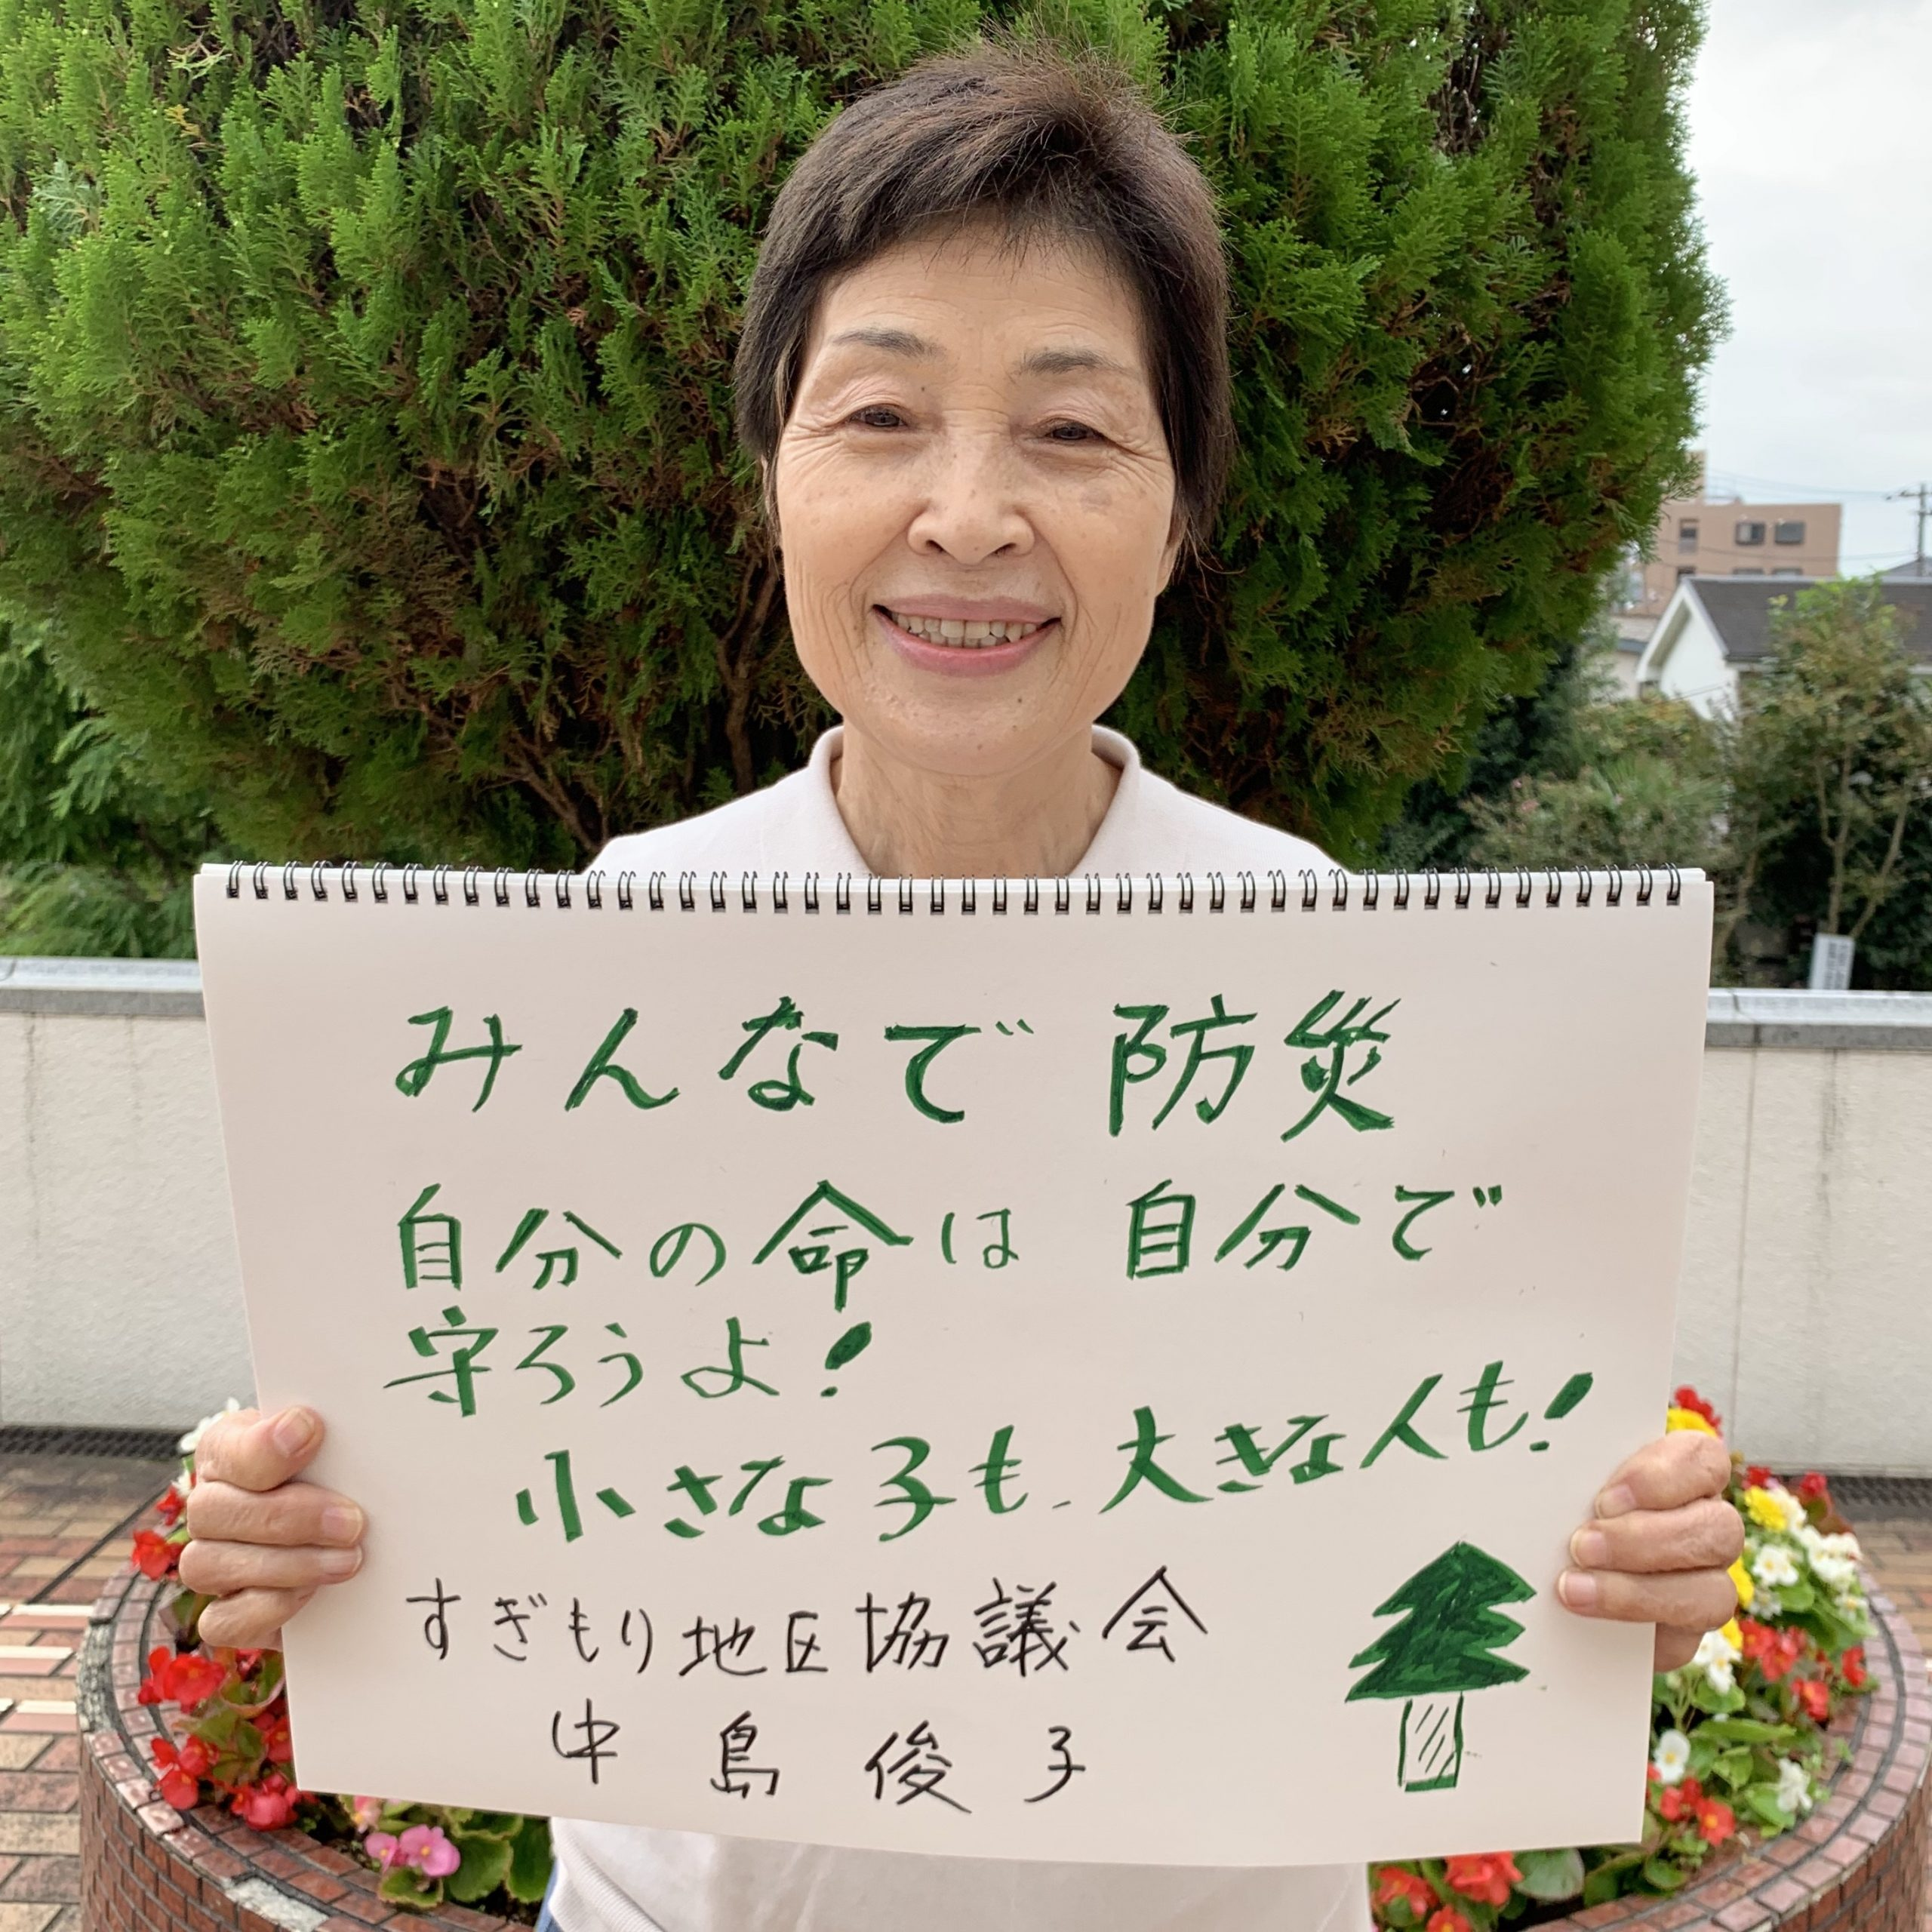 中島会長です